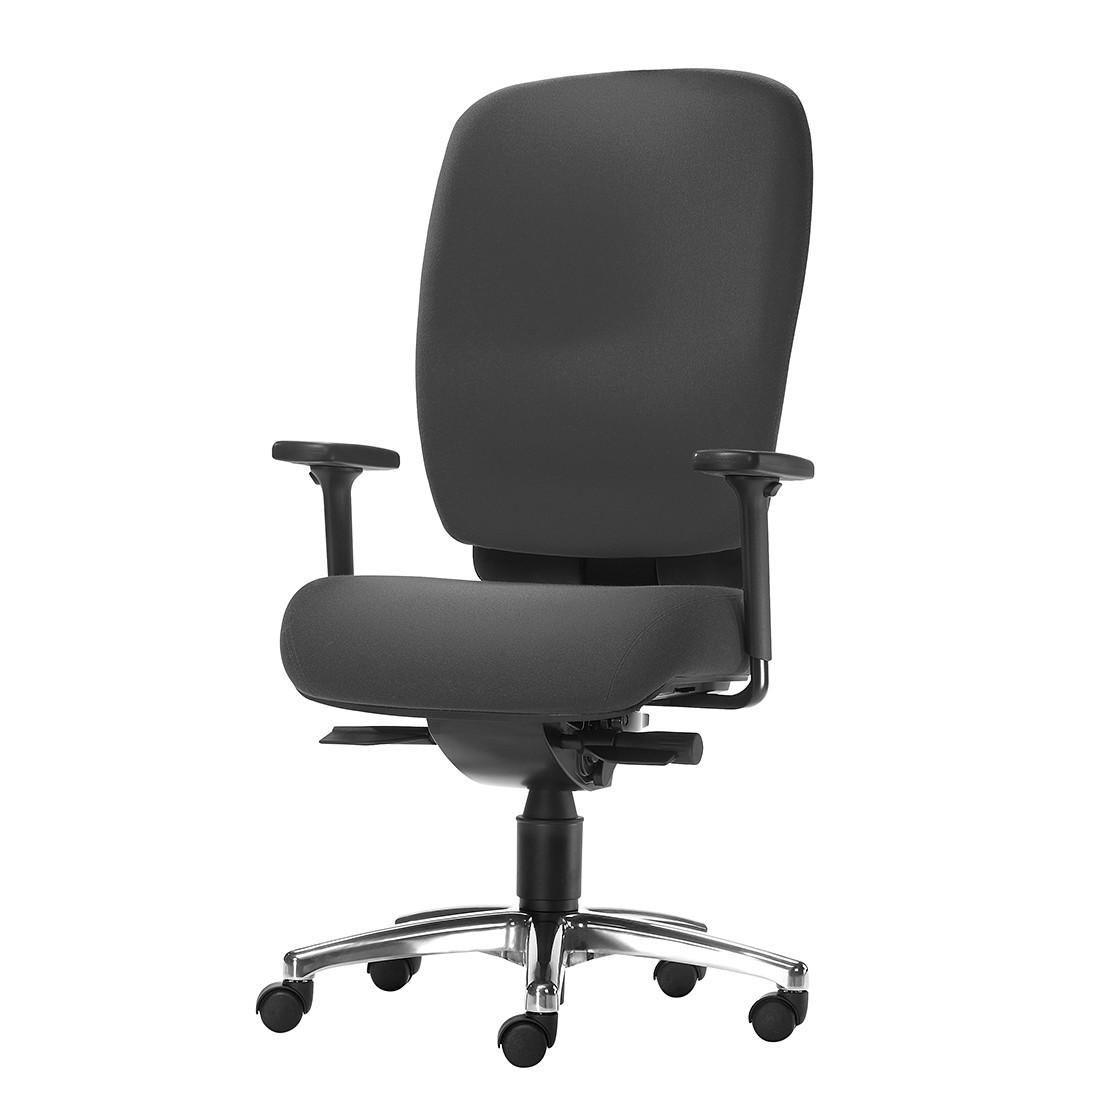 Bürodrehstuhl Office SY 1500 M – Höhenverstellbare Armlehnen – Schwarz, 1000 Stühle Gernot-M. Steifensand günstig